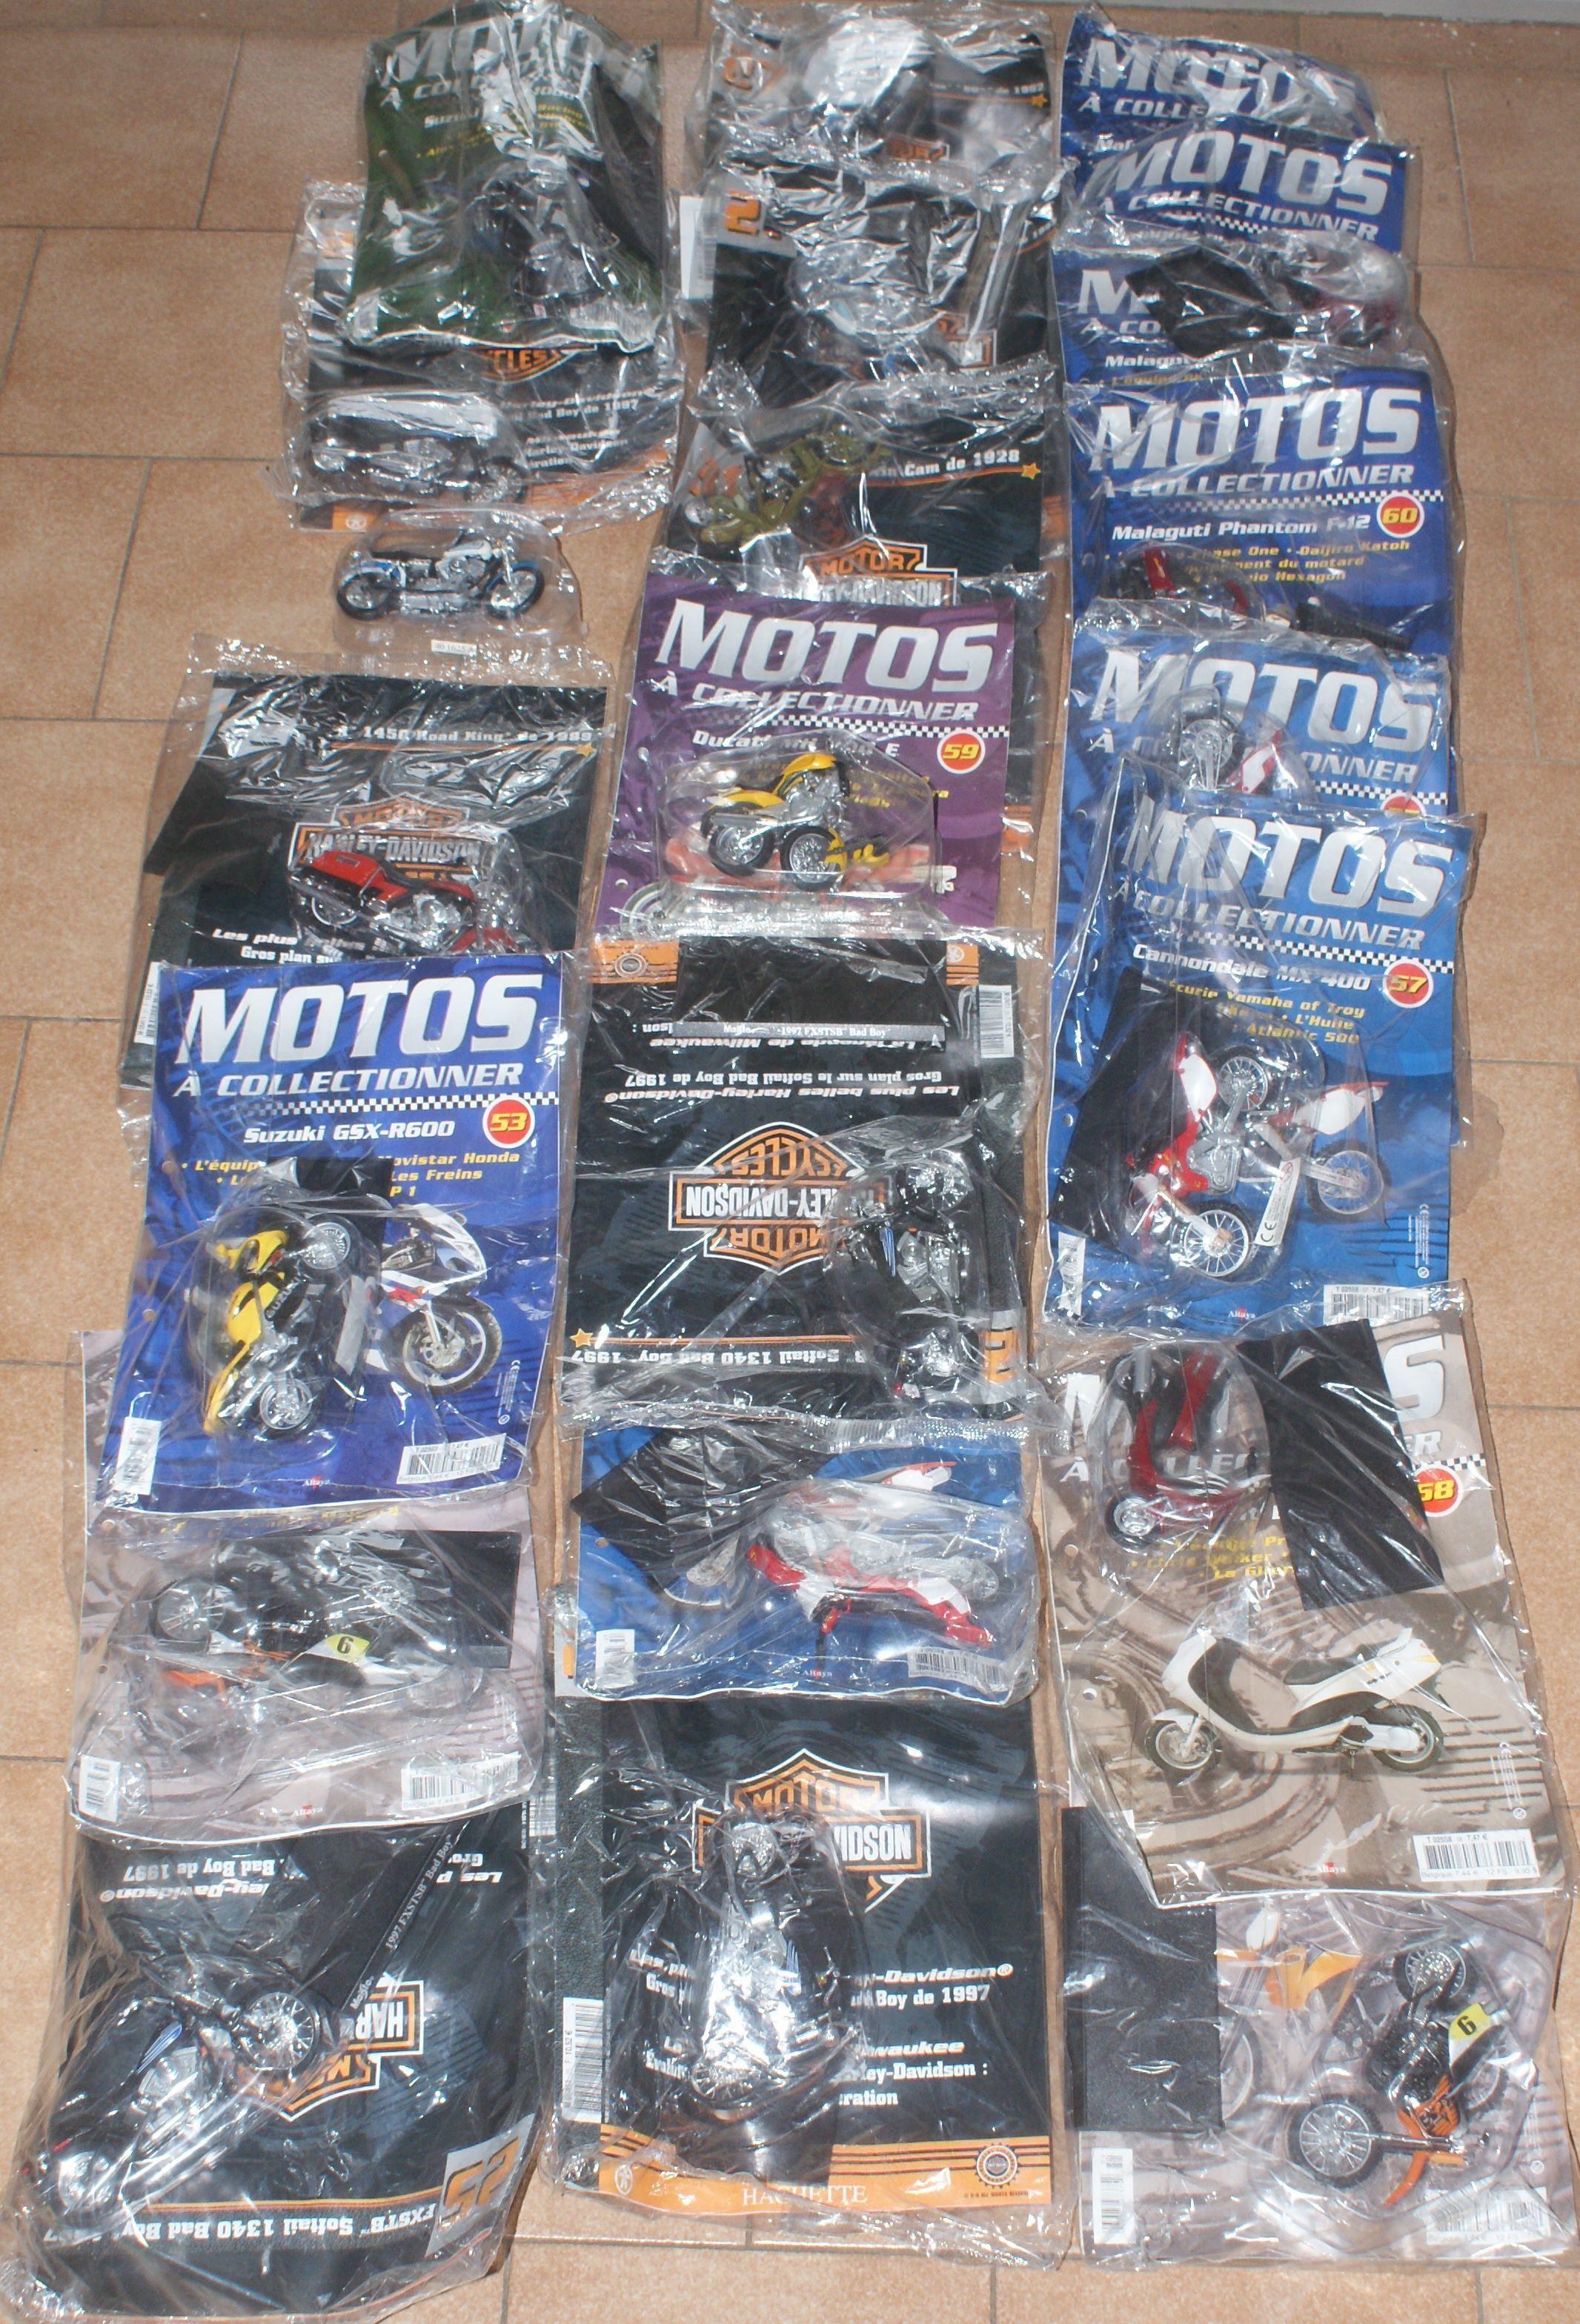 22 motos de collection 66 Montcy-Notre-Dame (08)